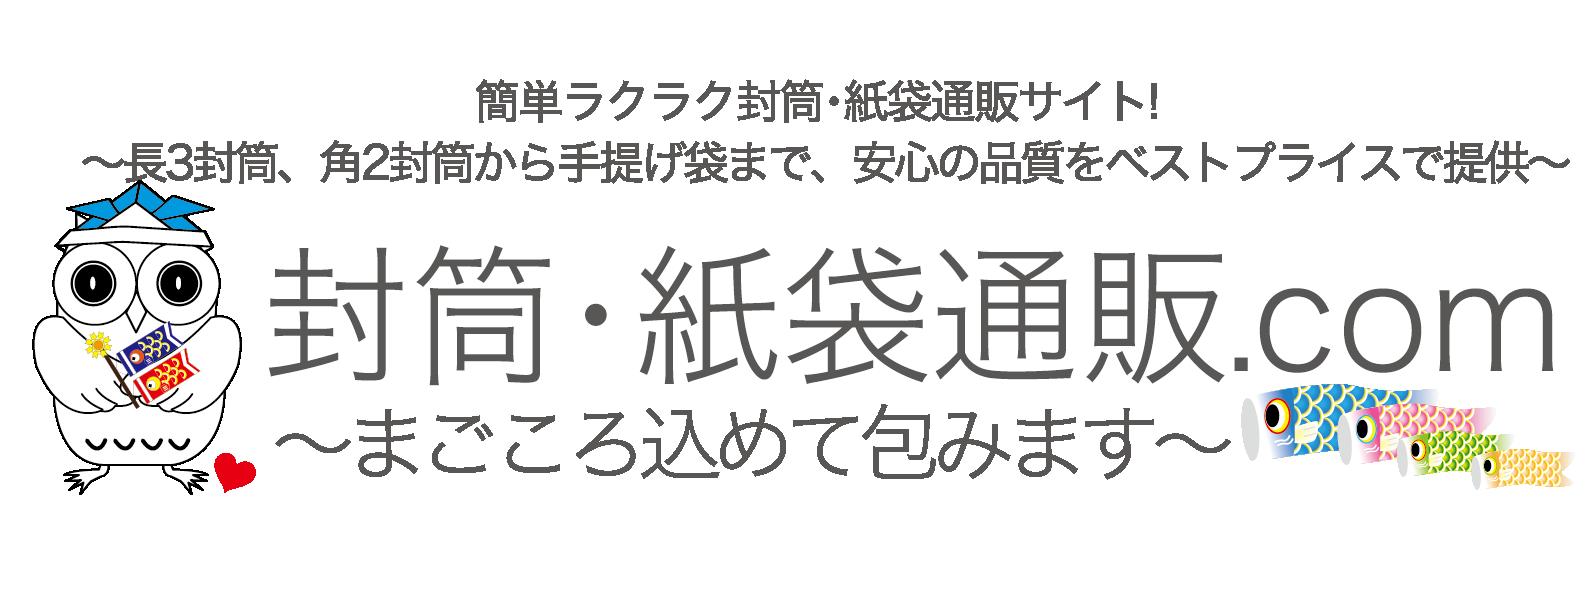 封筒・紙袋通販.comロゴ